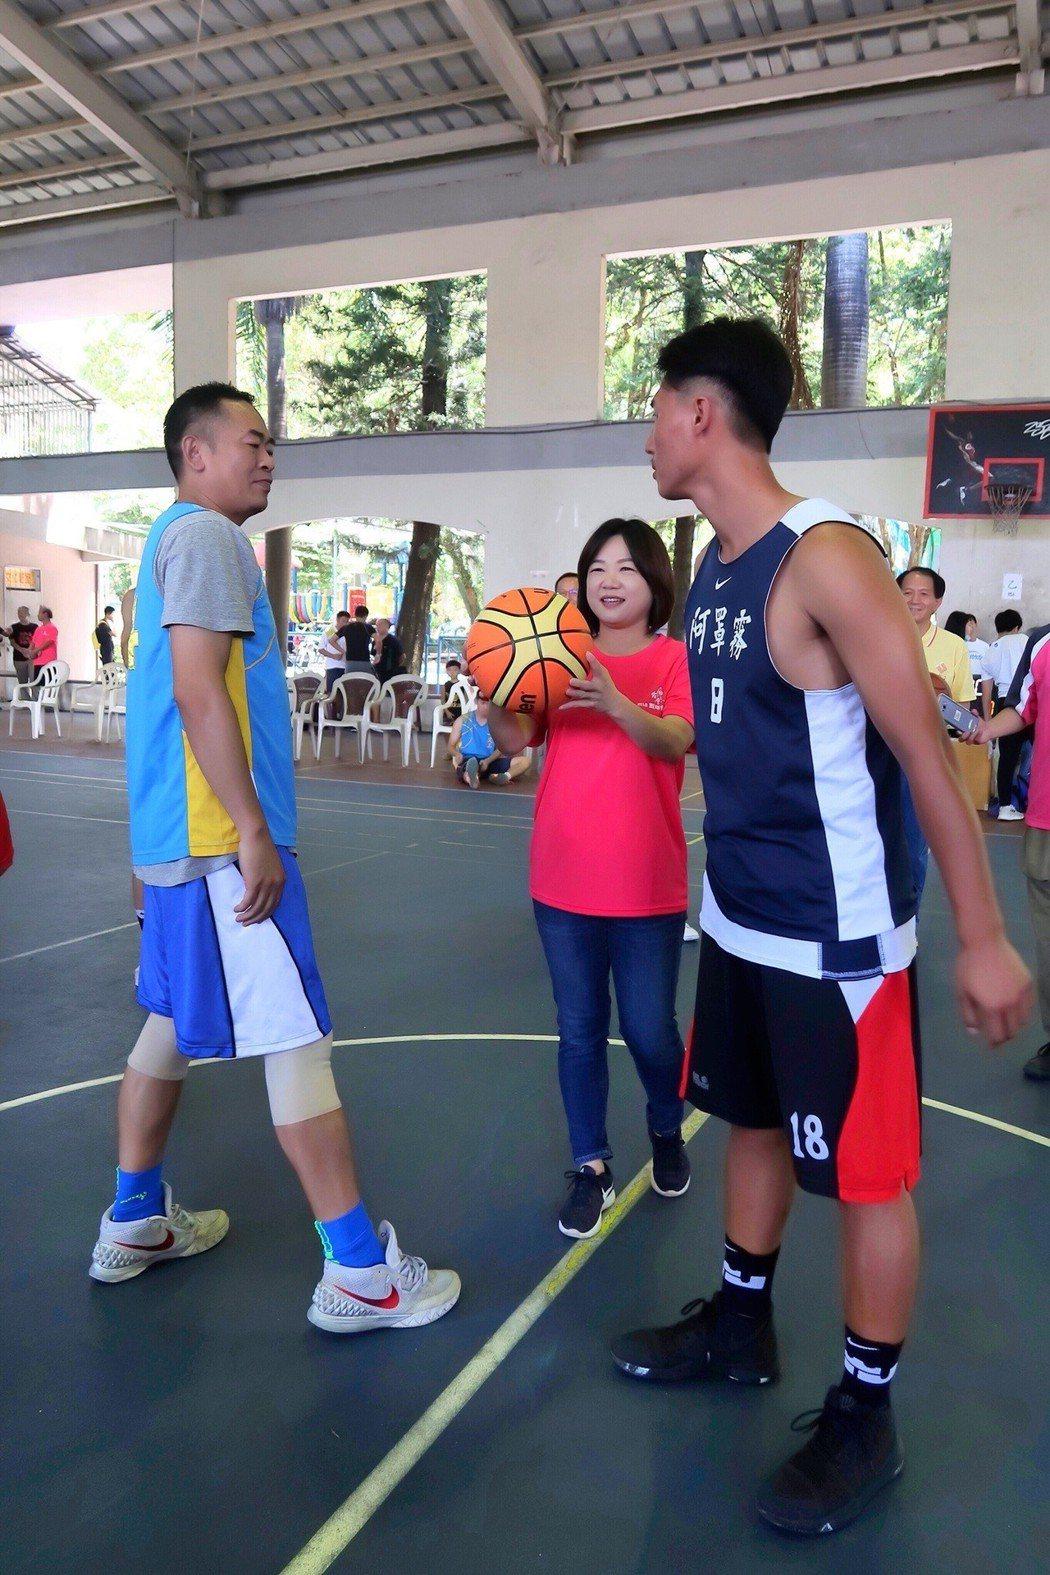 台灣之心籃球錦標賽在南投縣埔里鎮舉行,今天由立委馬文君(中)開球,鼓勵青少年運動...